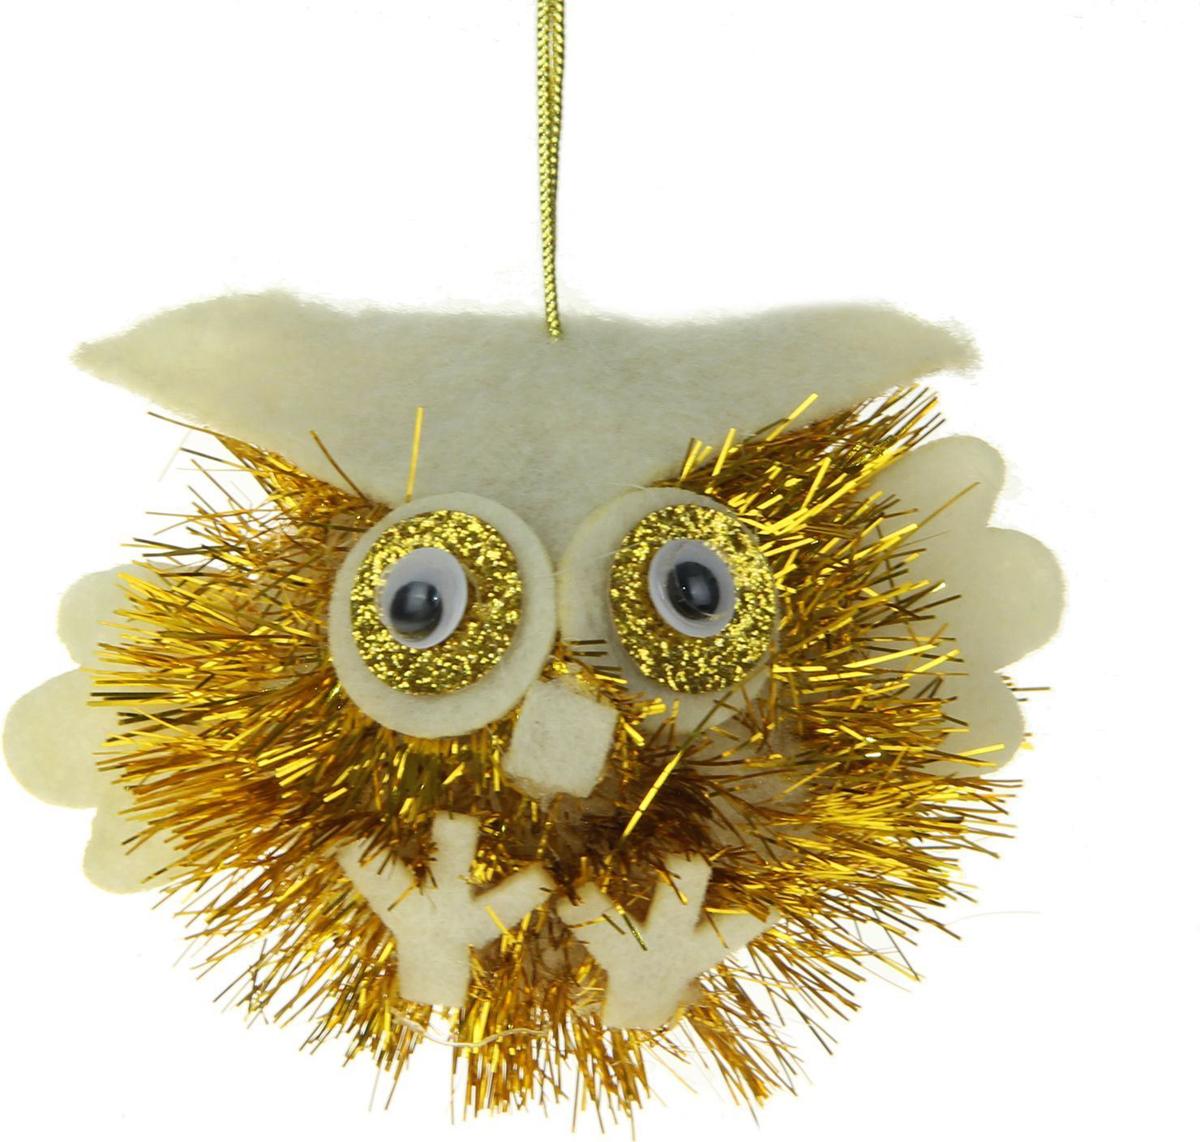 Новогоднее подвесное украшение Sima-land Совенок. Блеск, цвет: золотистый, 5 х 7 см1381160Новогоднее украшение Sima-land отлично подойдет для декорации вашего дома и новогодней ели.Елочная игрушка - символ Нового года. Она несет в себе волшебство и красоту праздника. Такое украшение создаст в вашем доме атмосферу праздника, веселья и радости.